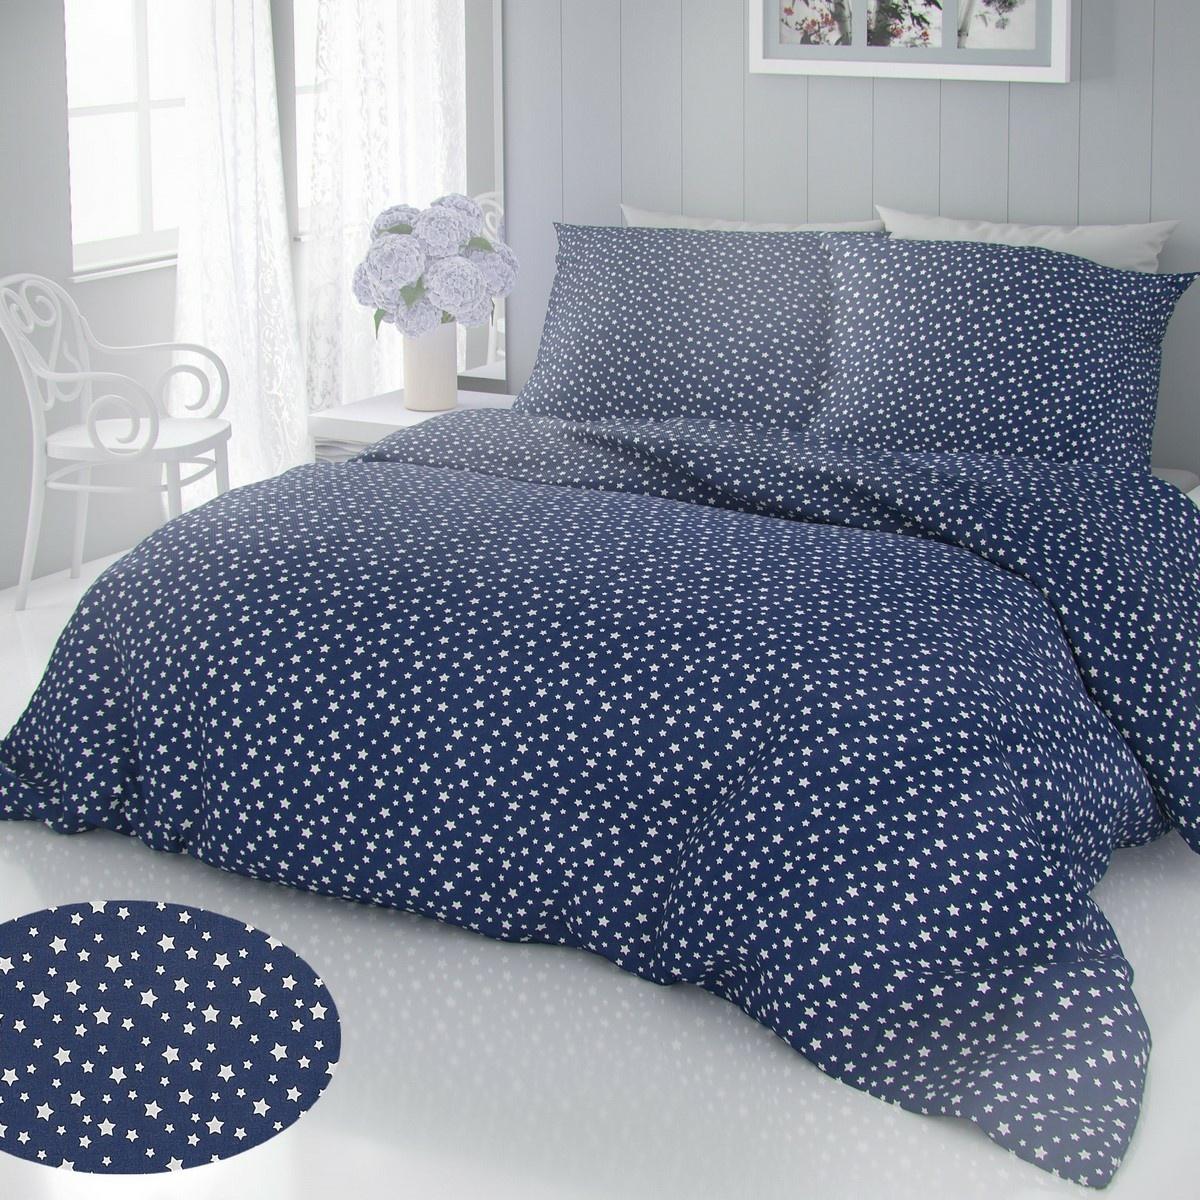 Kvalitex Bavlněné povlečení Hvězdy modrá, 140 x 200 cm, 70 x 90 cm